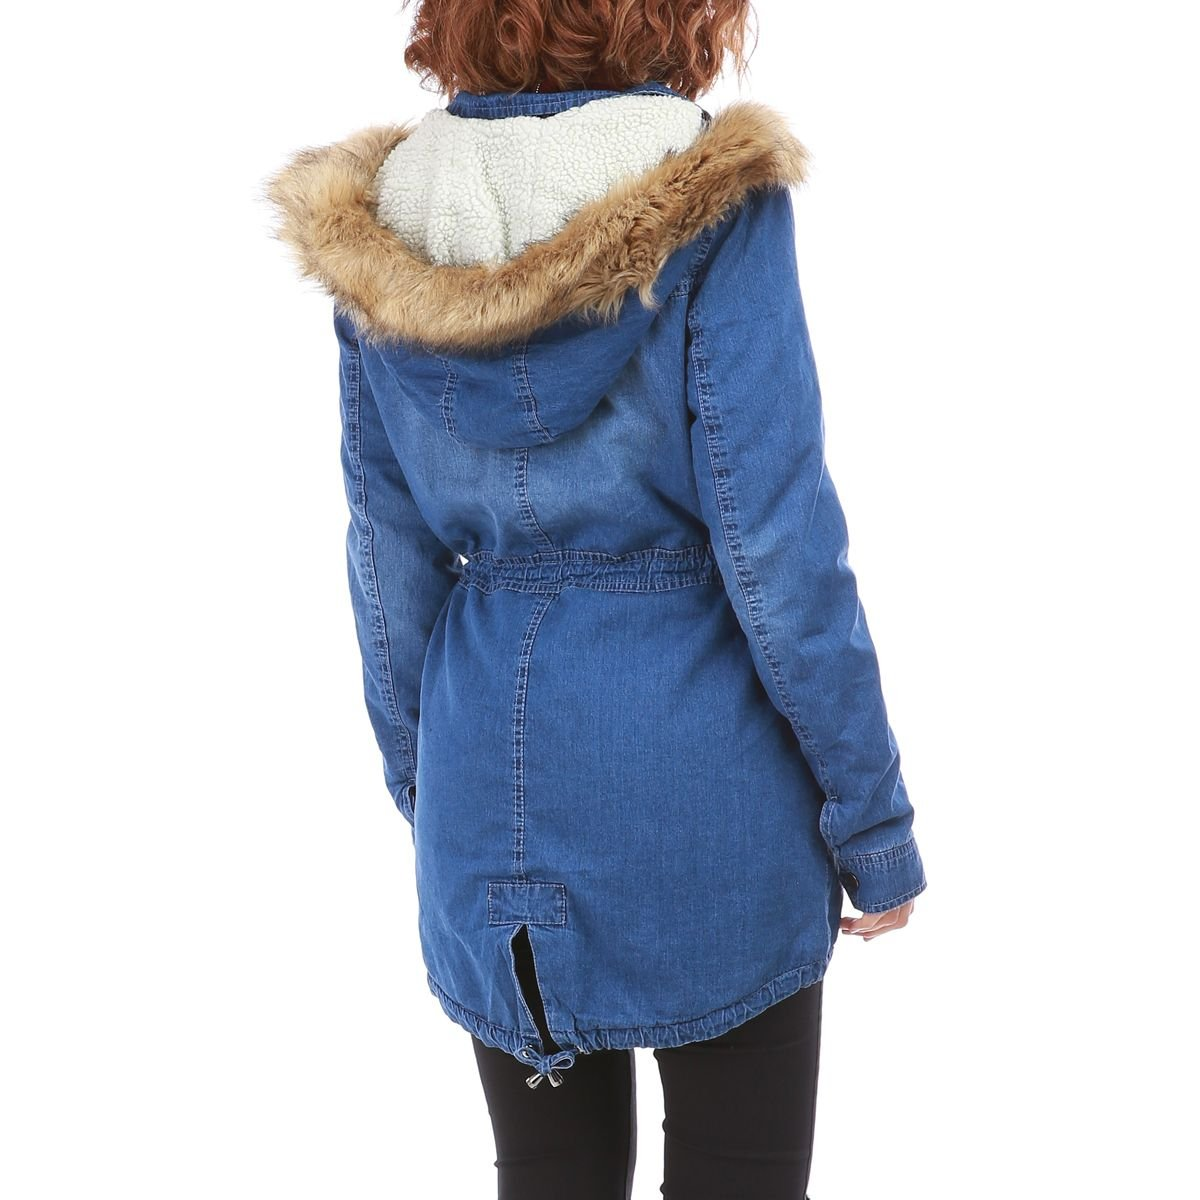 447cf2d603c8 La Modeuse - Parka Longue en Jean Bleu Femme  Amazon.fr  Vêtements et  accessoires